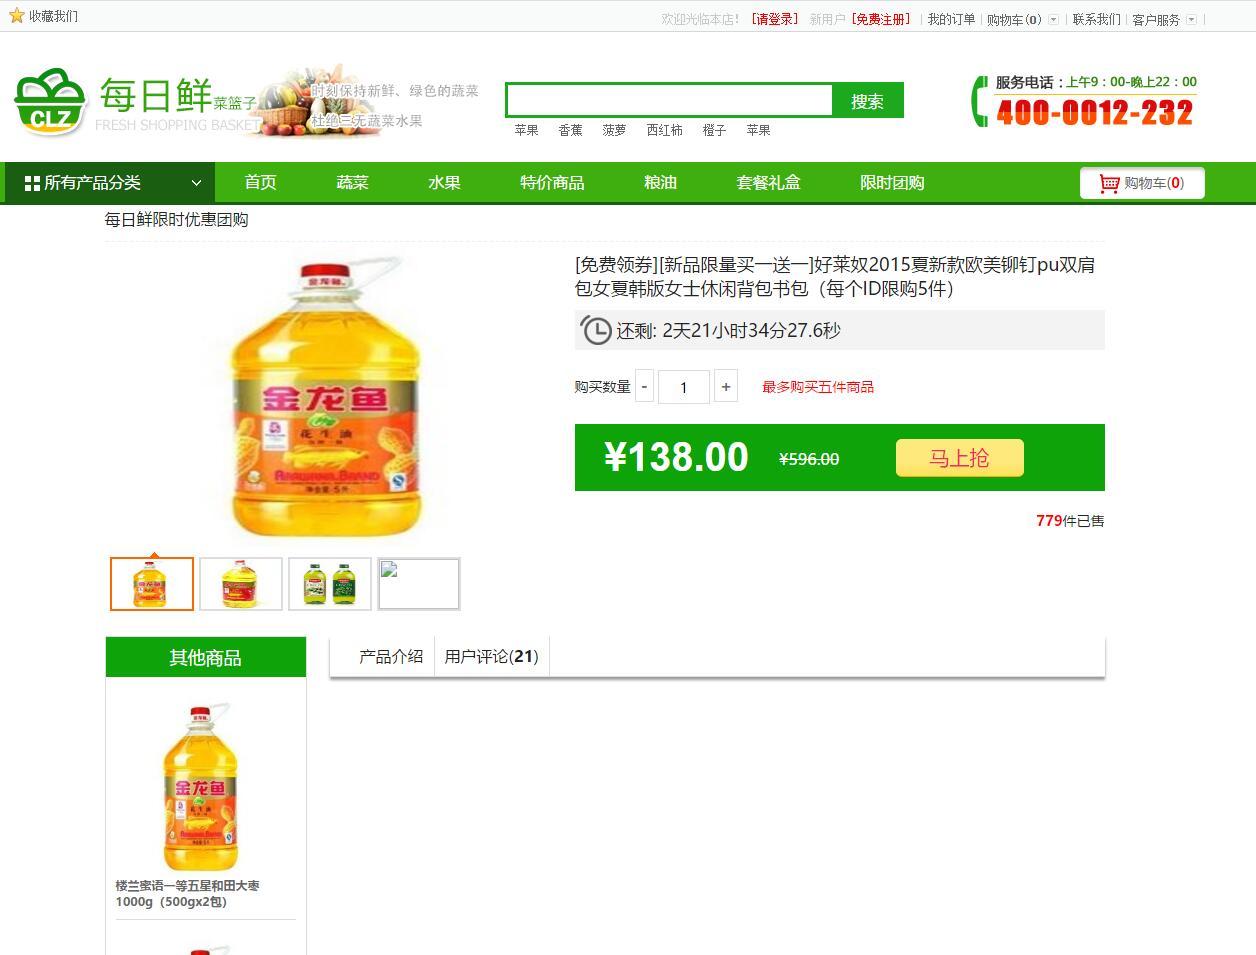 【免费下载】绿色的蔬菜水果商城模板带商品详情页面列表页-菜鸟源码资源站